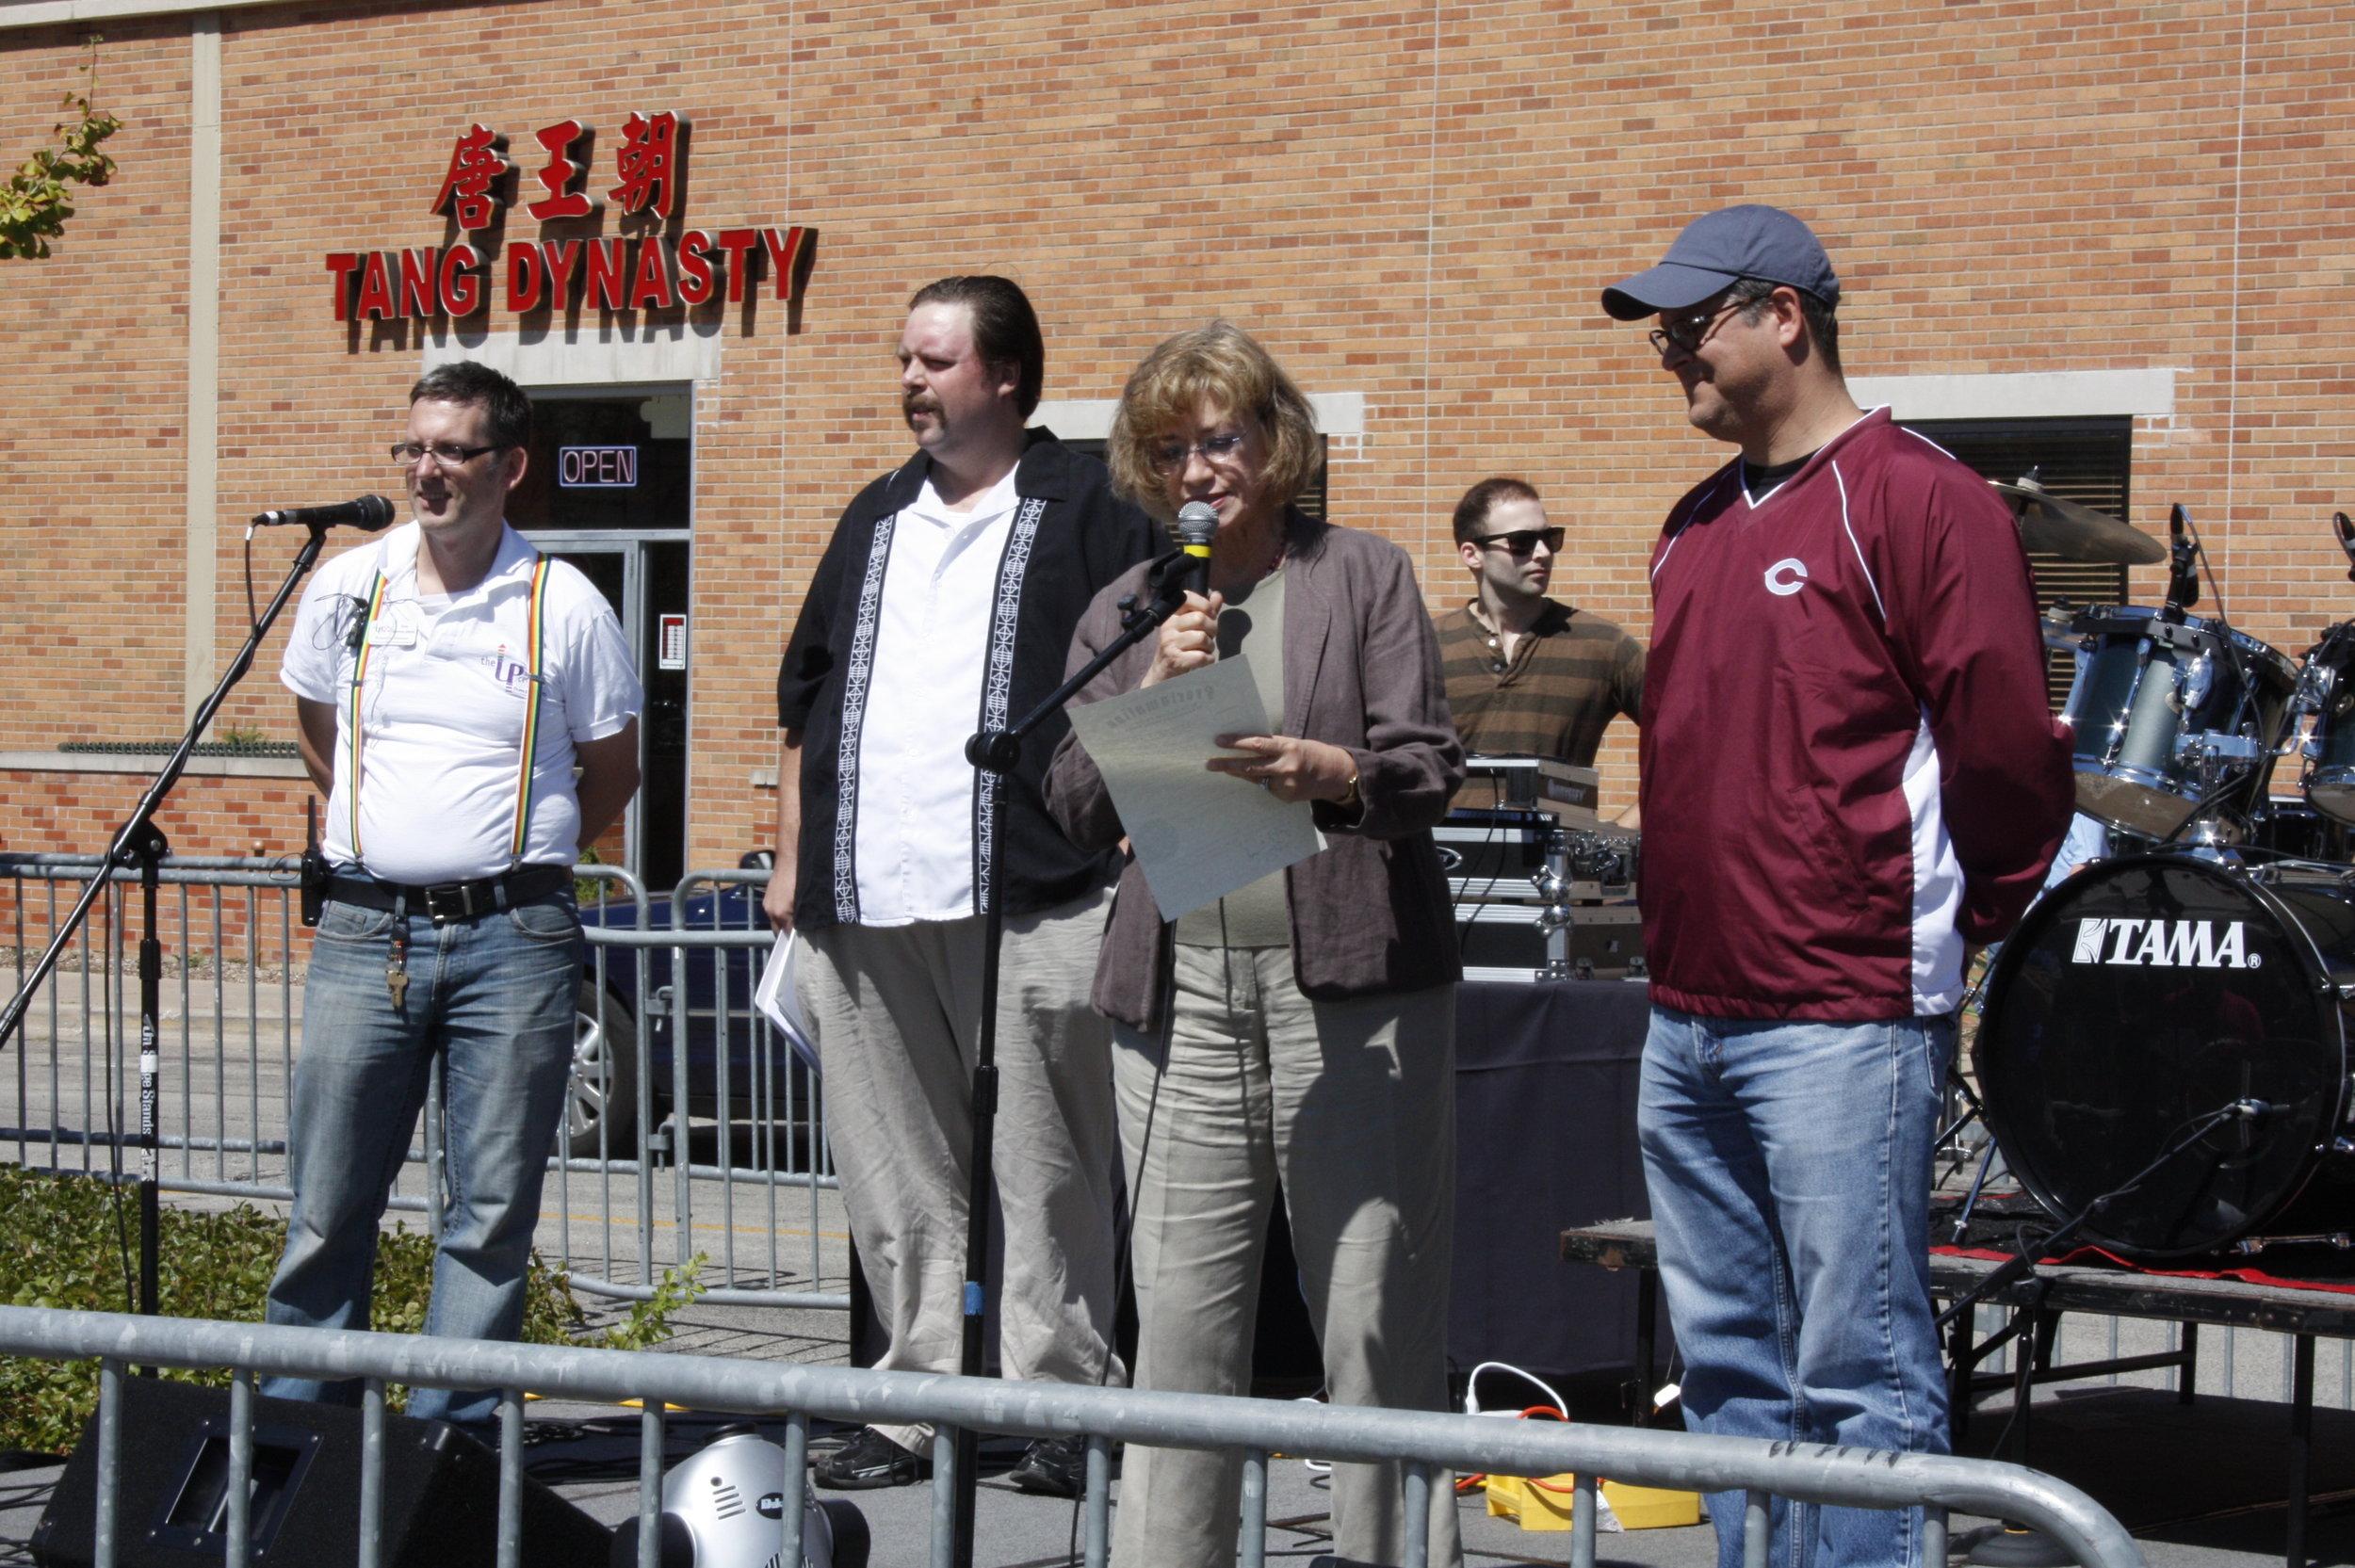 pridefest201220120908_0004.JPG